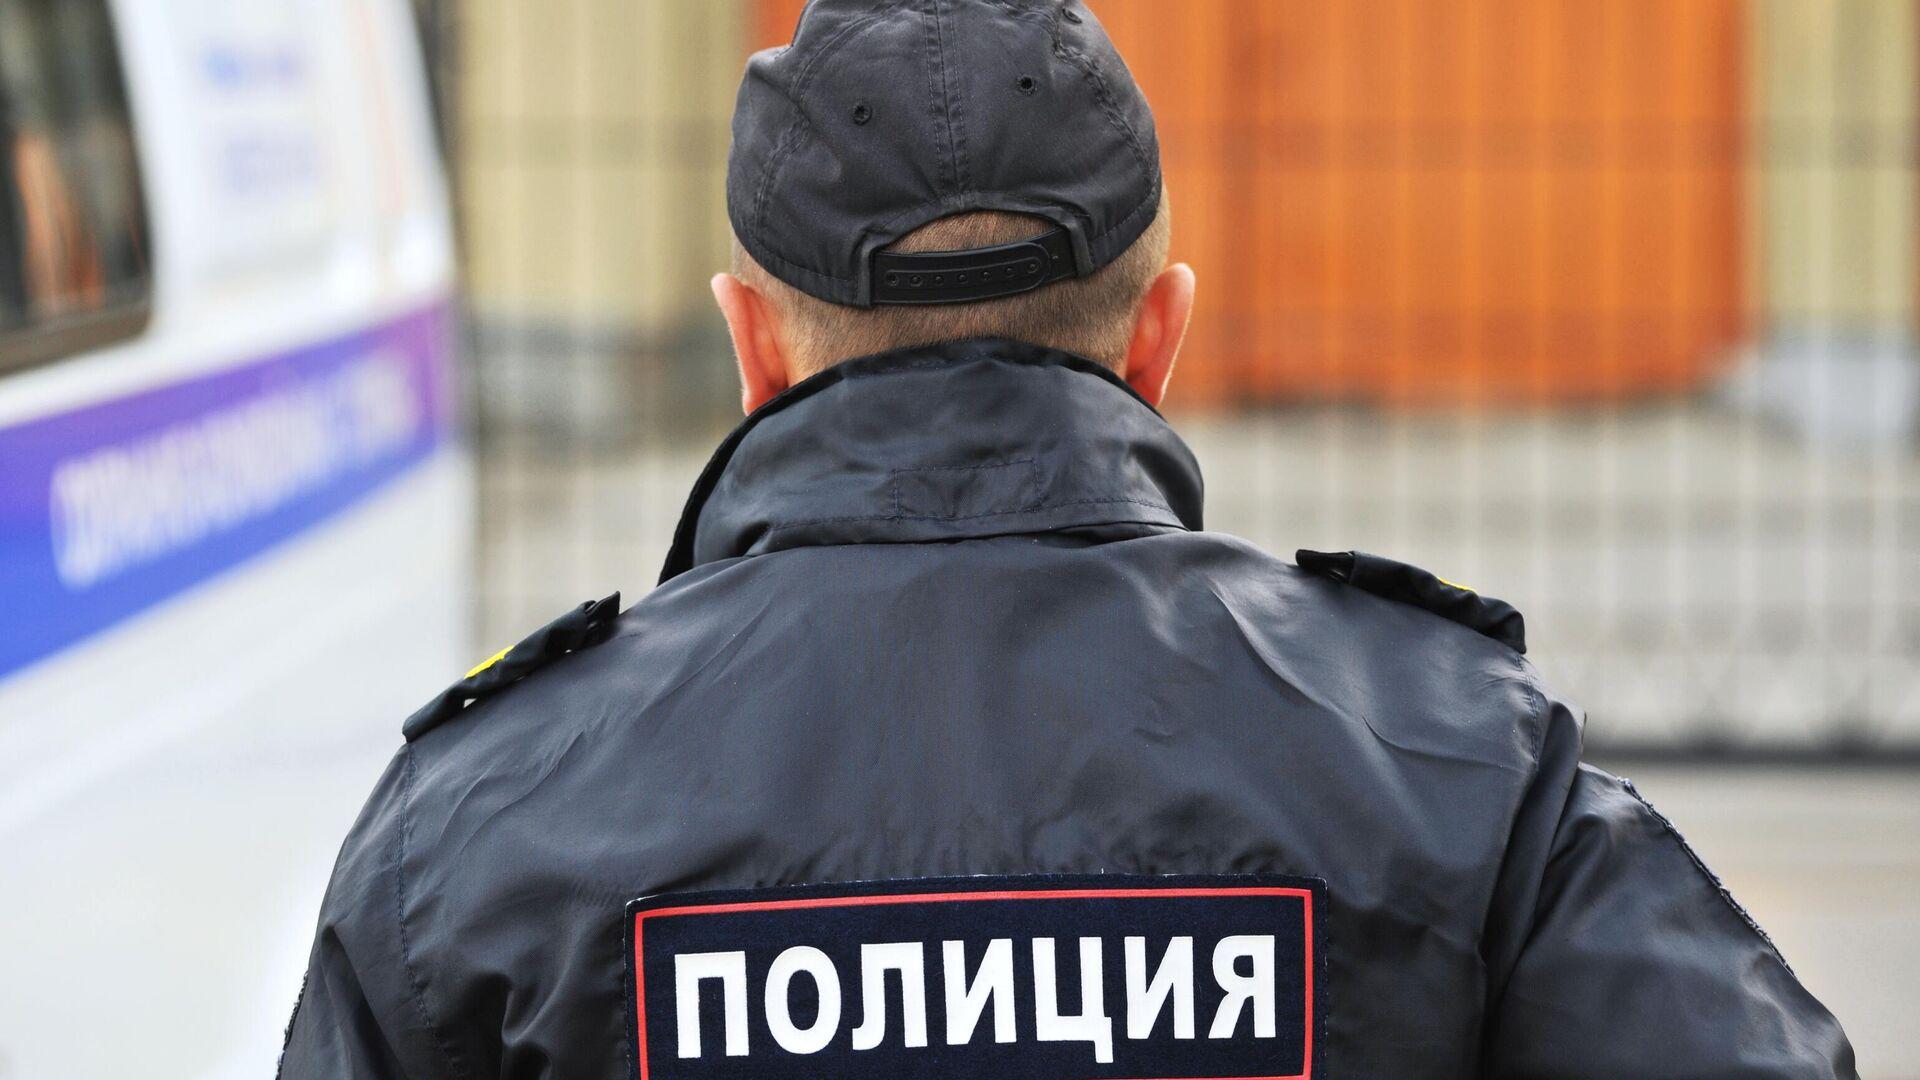 Сотрудник полиции  - РИА Новости, 1920, 29.07.2020